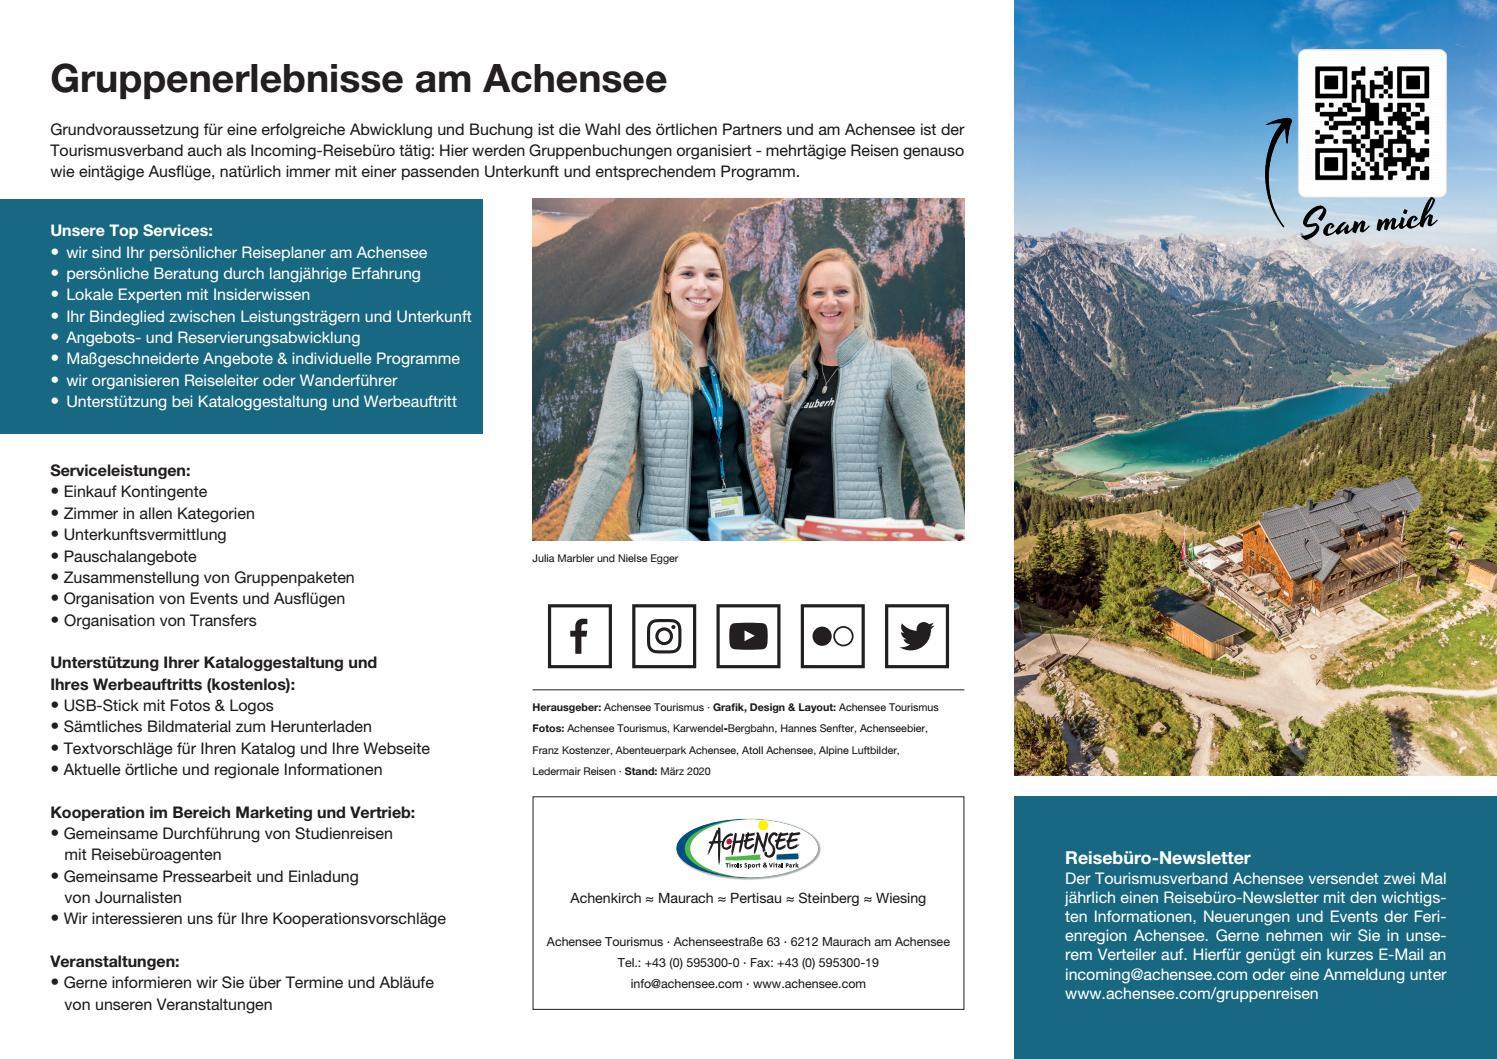 RiS-Kommunal - Startseite - Brgerservice - Gemeinde Eben